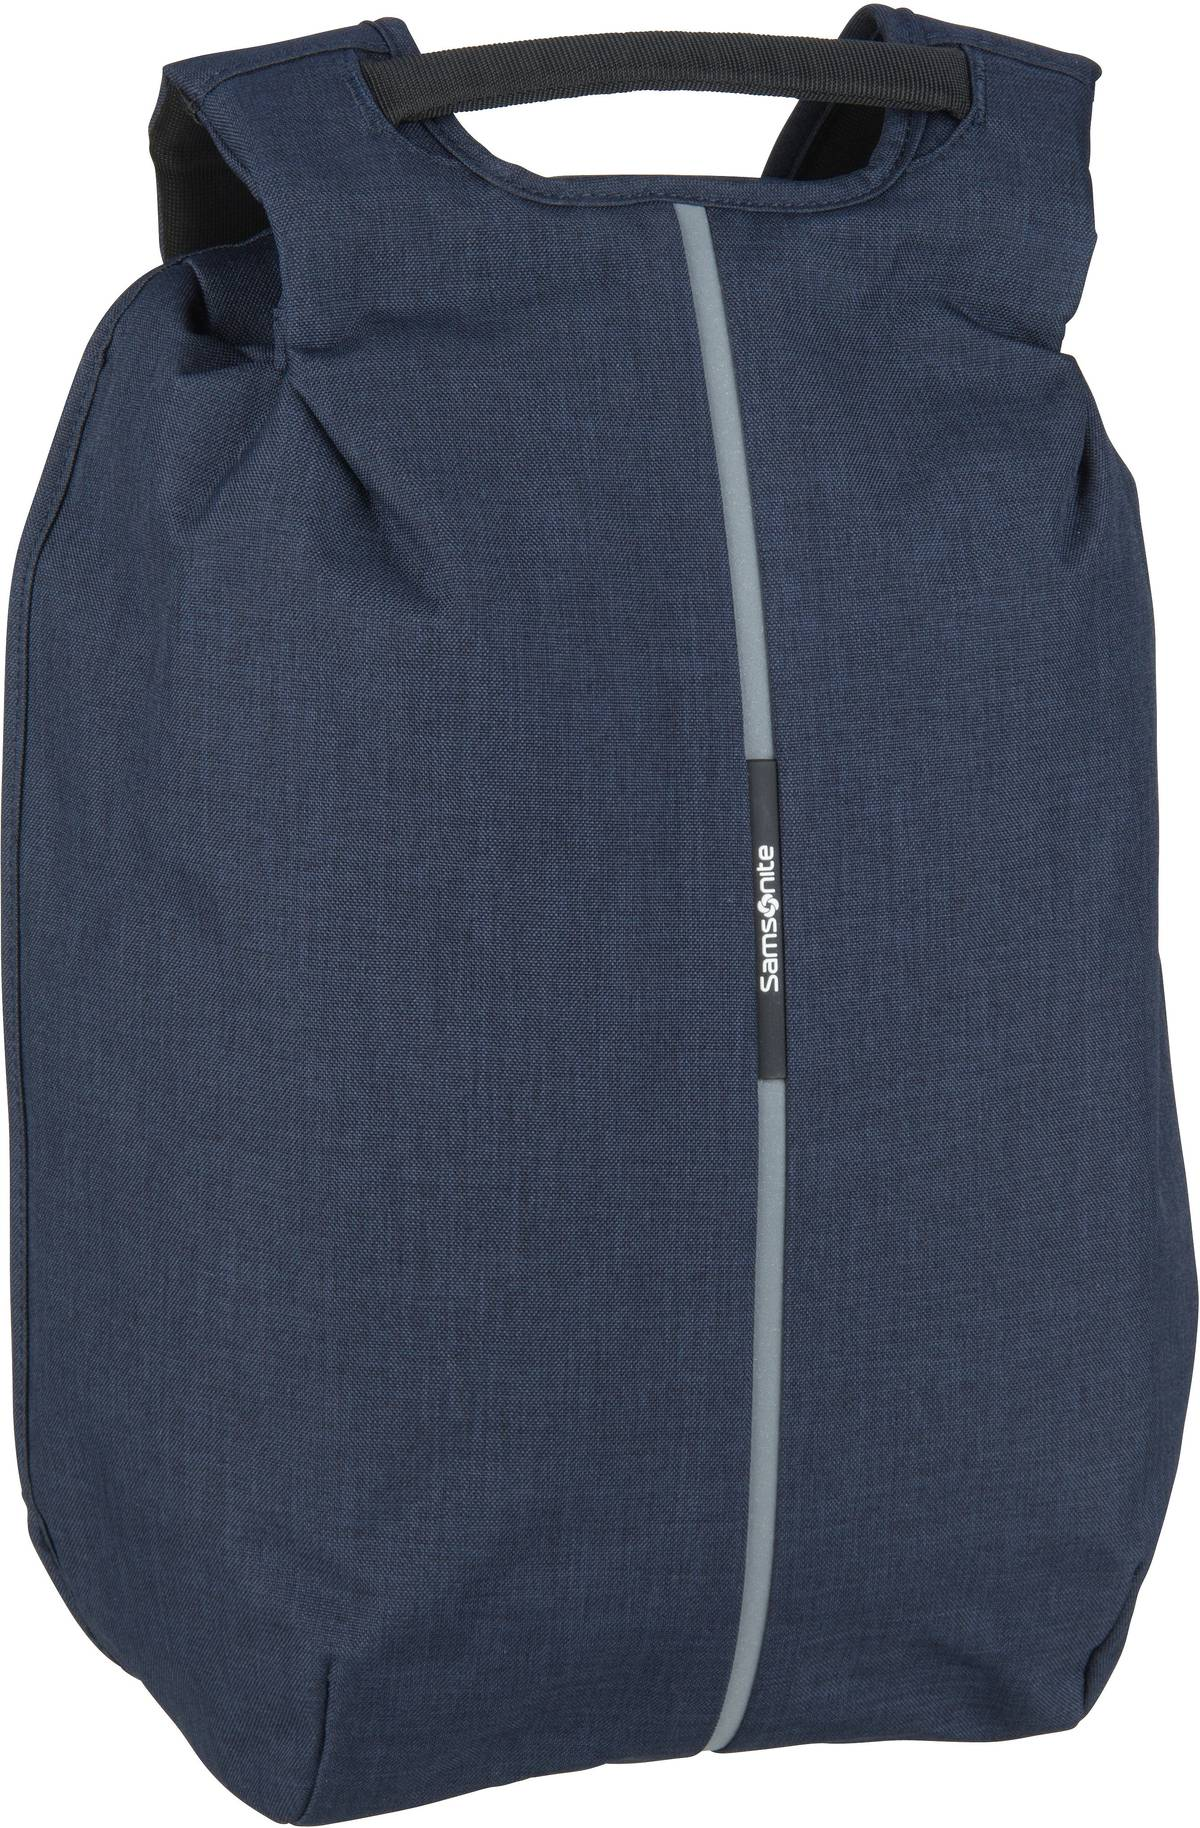 Rucksack / Daypack Securipak Laptop Backpack 15.6'' Eclipse Blue (17 Liter)